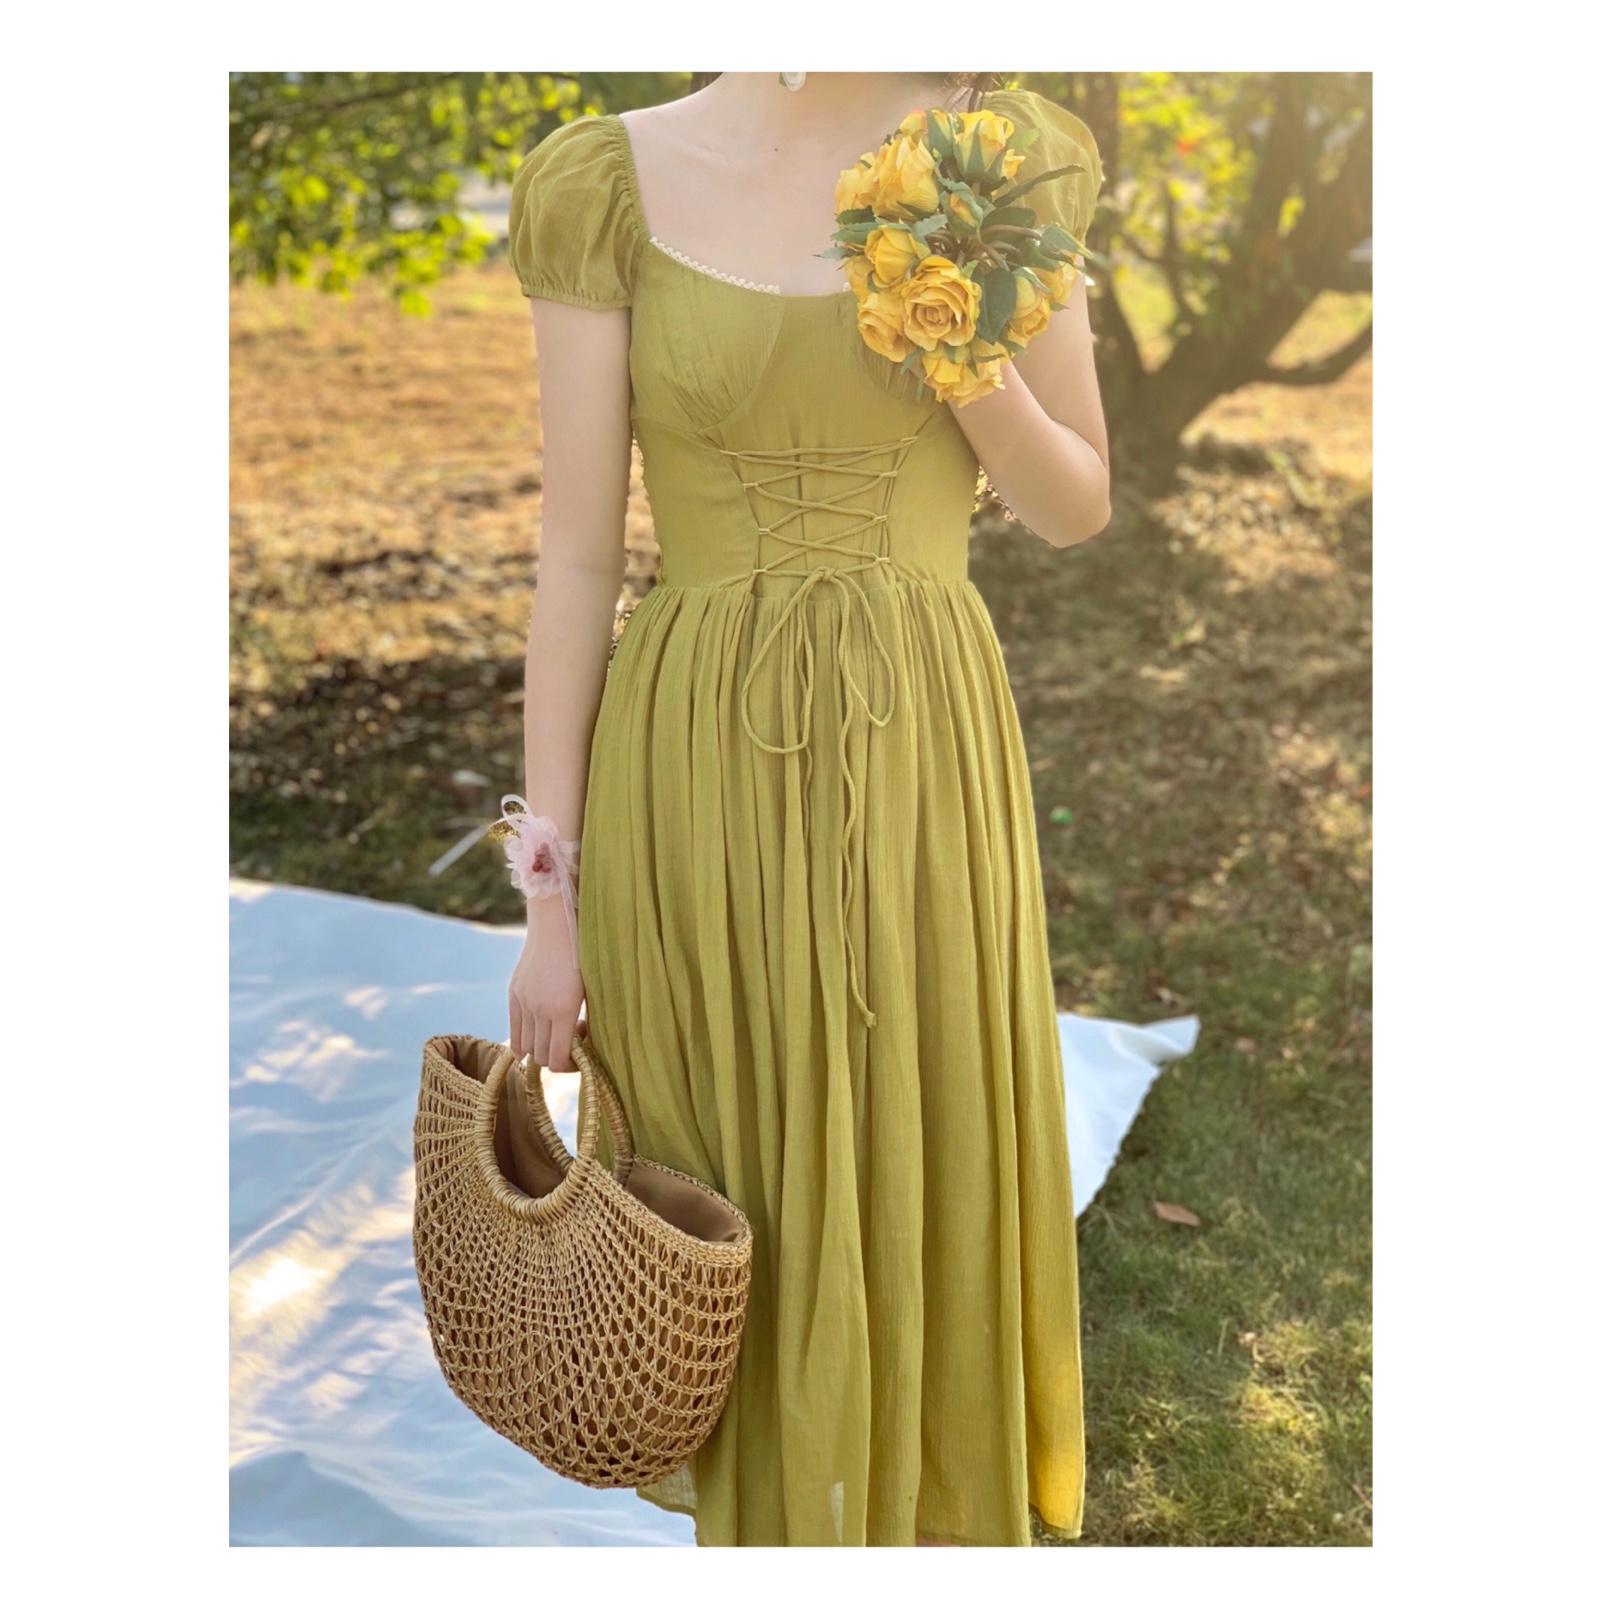 绿色连衣裙 晚时光2021新夏复古法式束腰抽绳连衣裙绿色橘色连衣裙中长大摆裙_推荐淘宝好看的绿色连衣裙